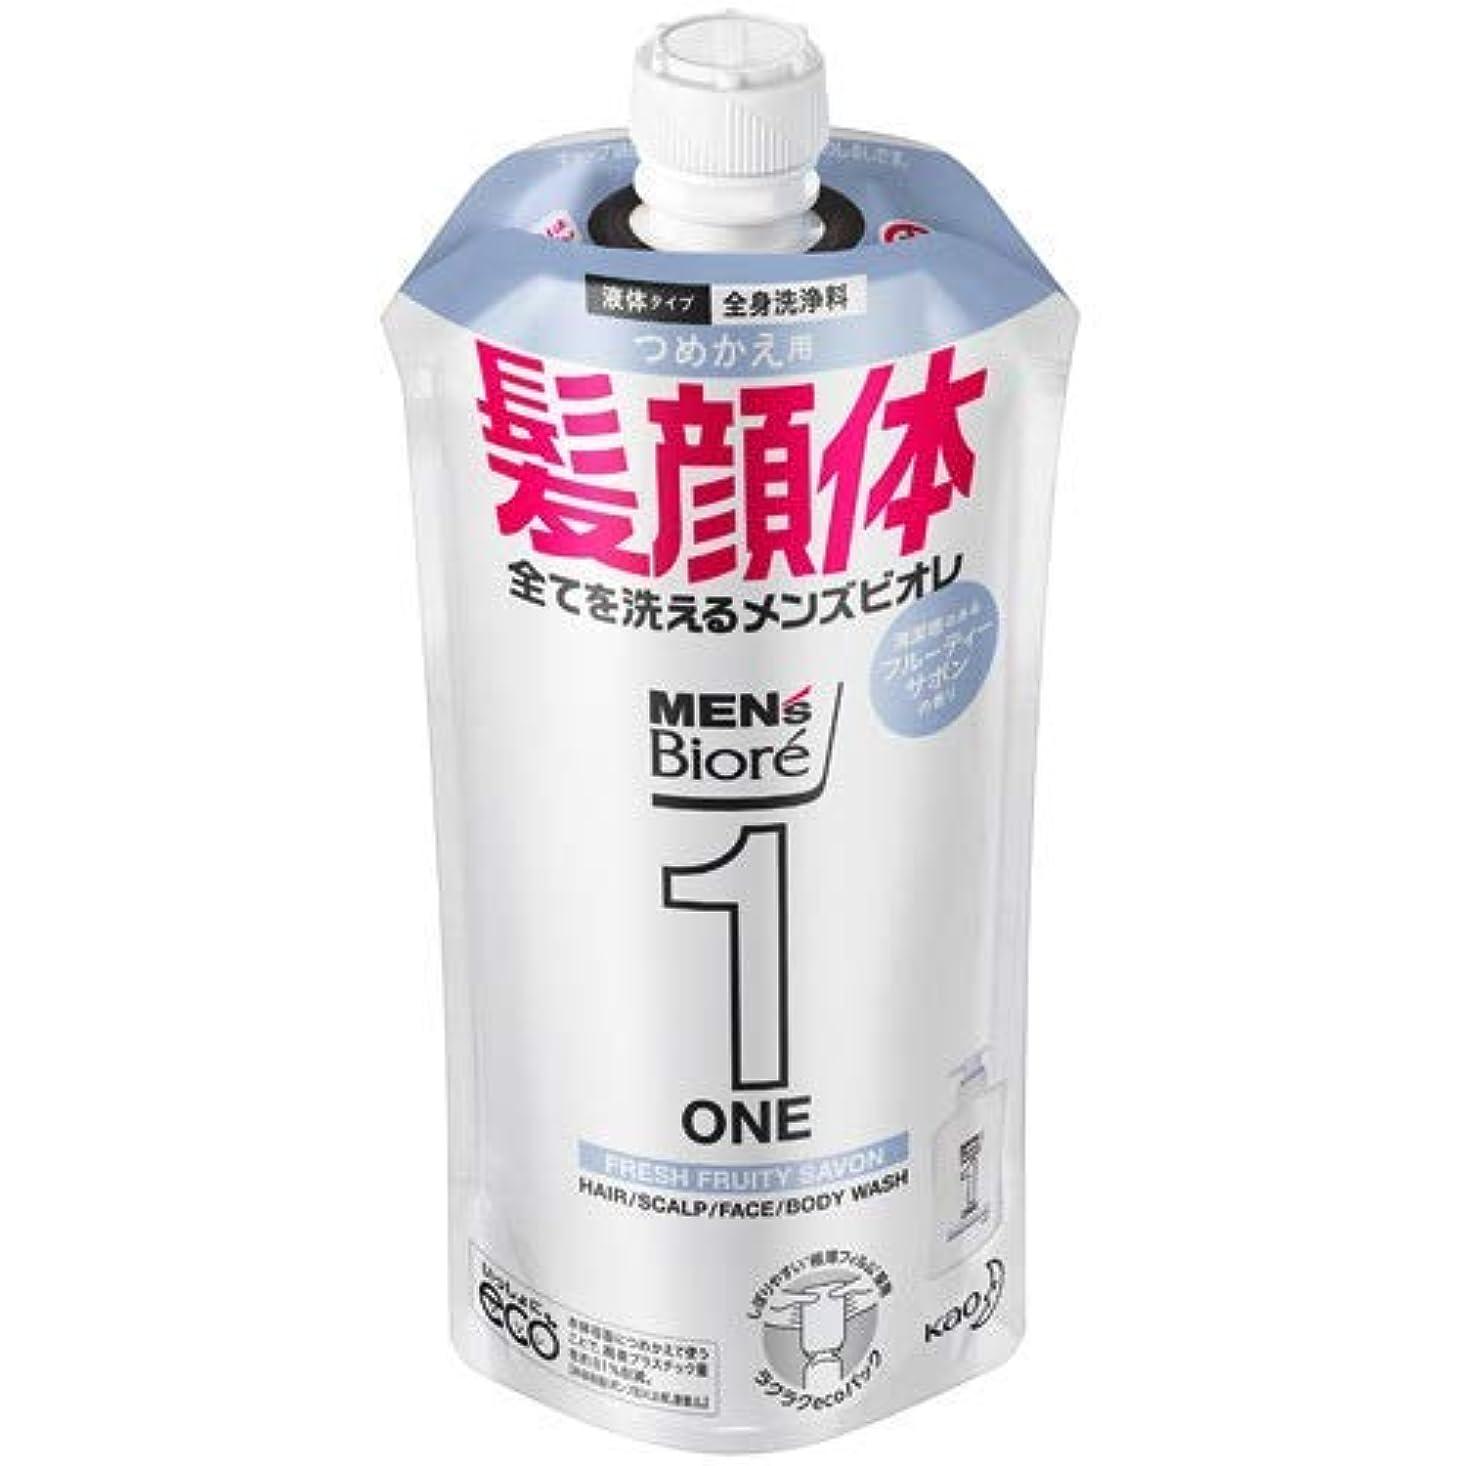 航海人生を作るニッケル【10個セット】メンズビオレONE オールインワン全身洗浄料 清潔感のあるフルーティーサボンの香り つめかえ用 340mL